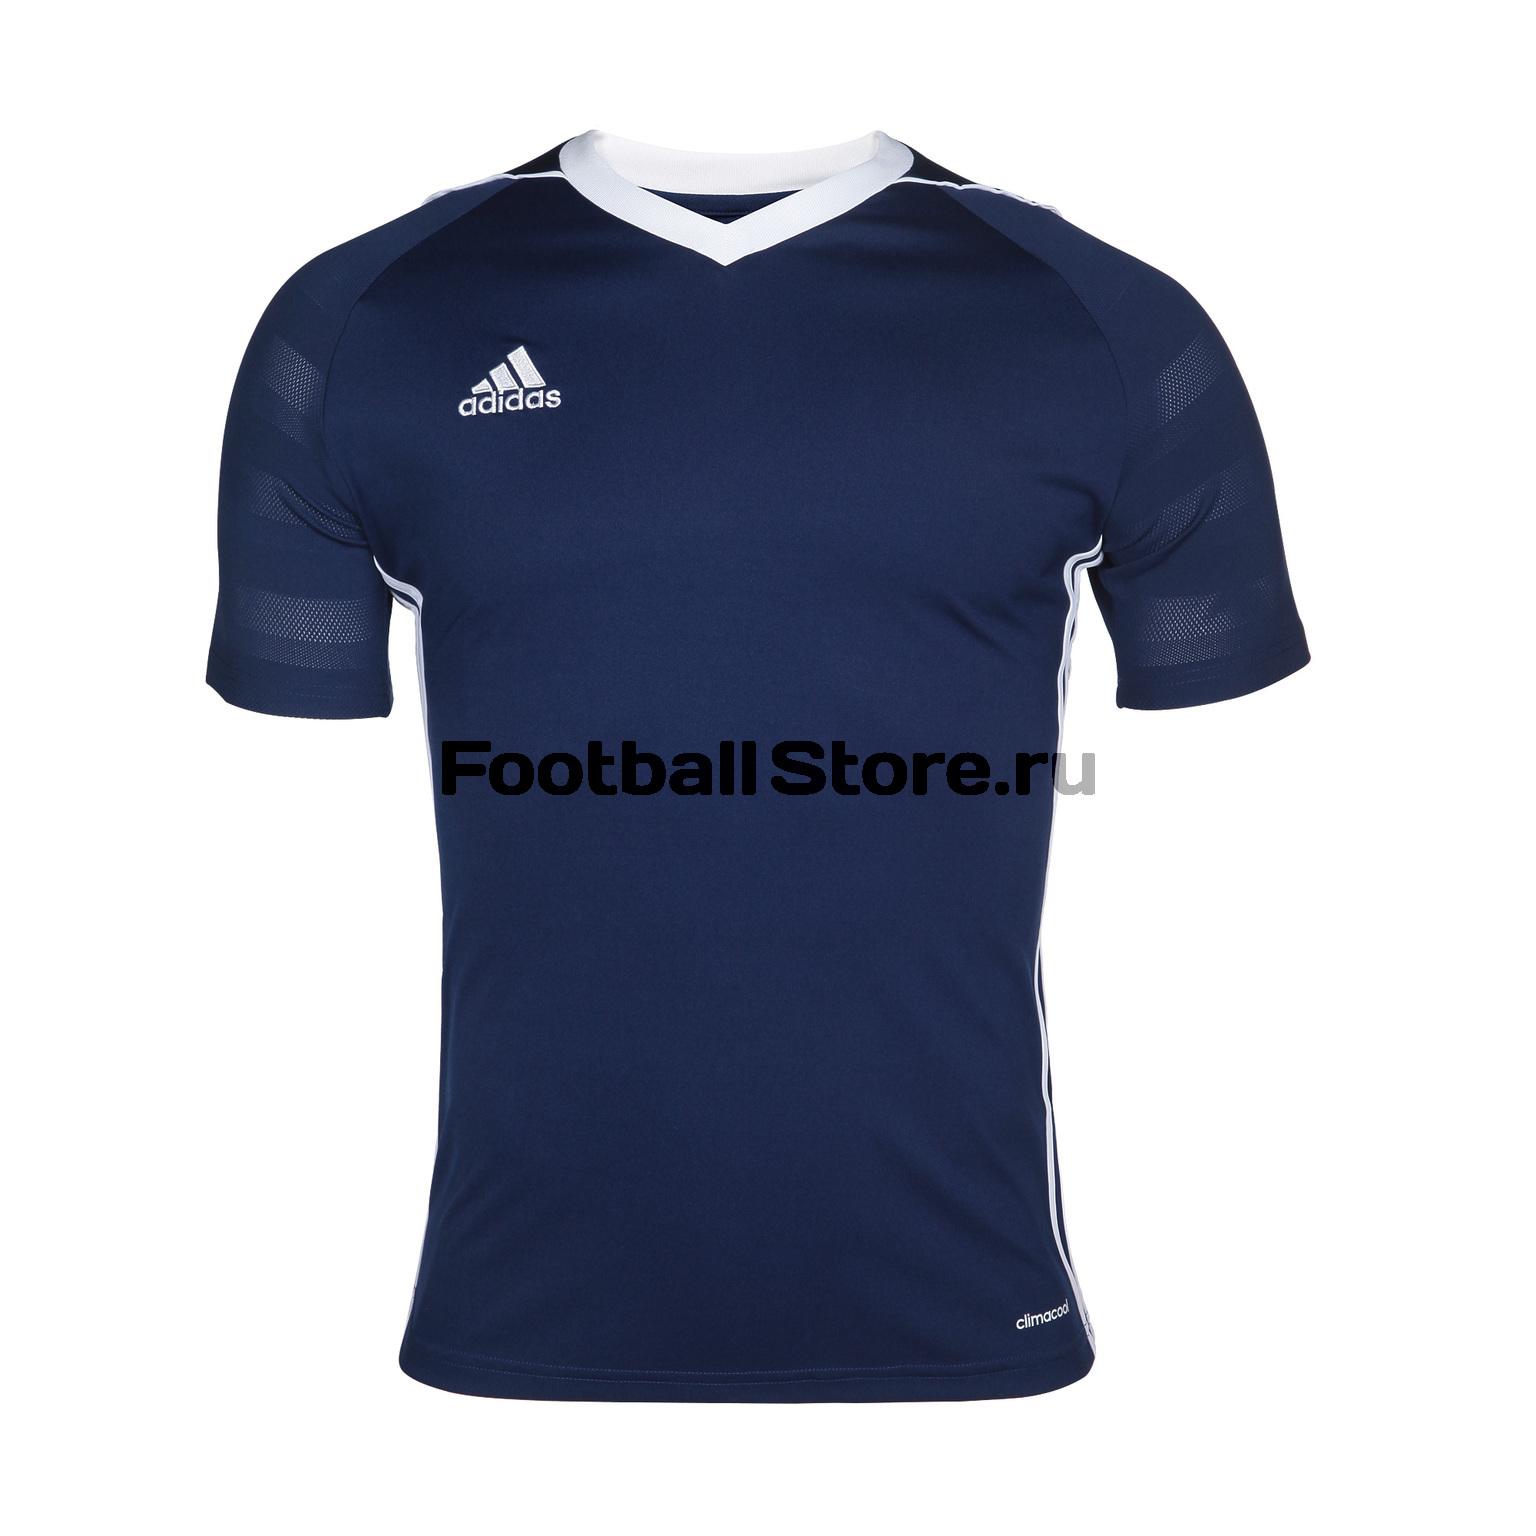 Футболки Adidas Футболка игровая Adidas Tiro17 JSY BK5438